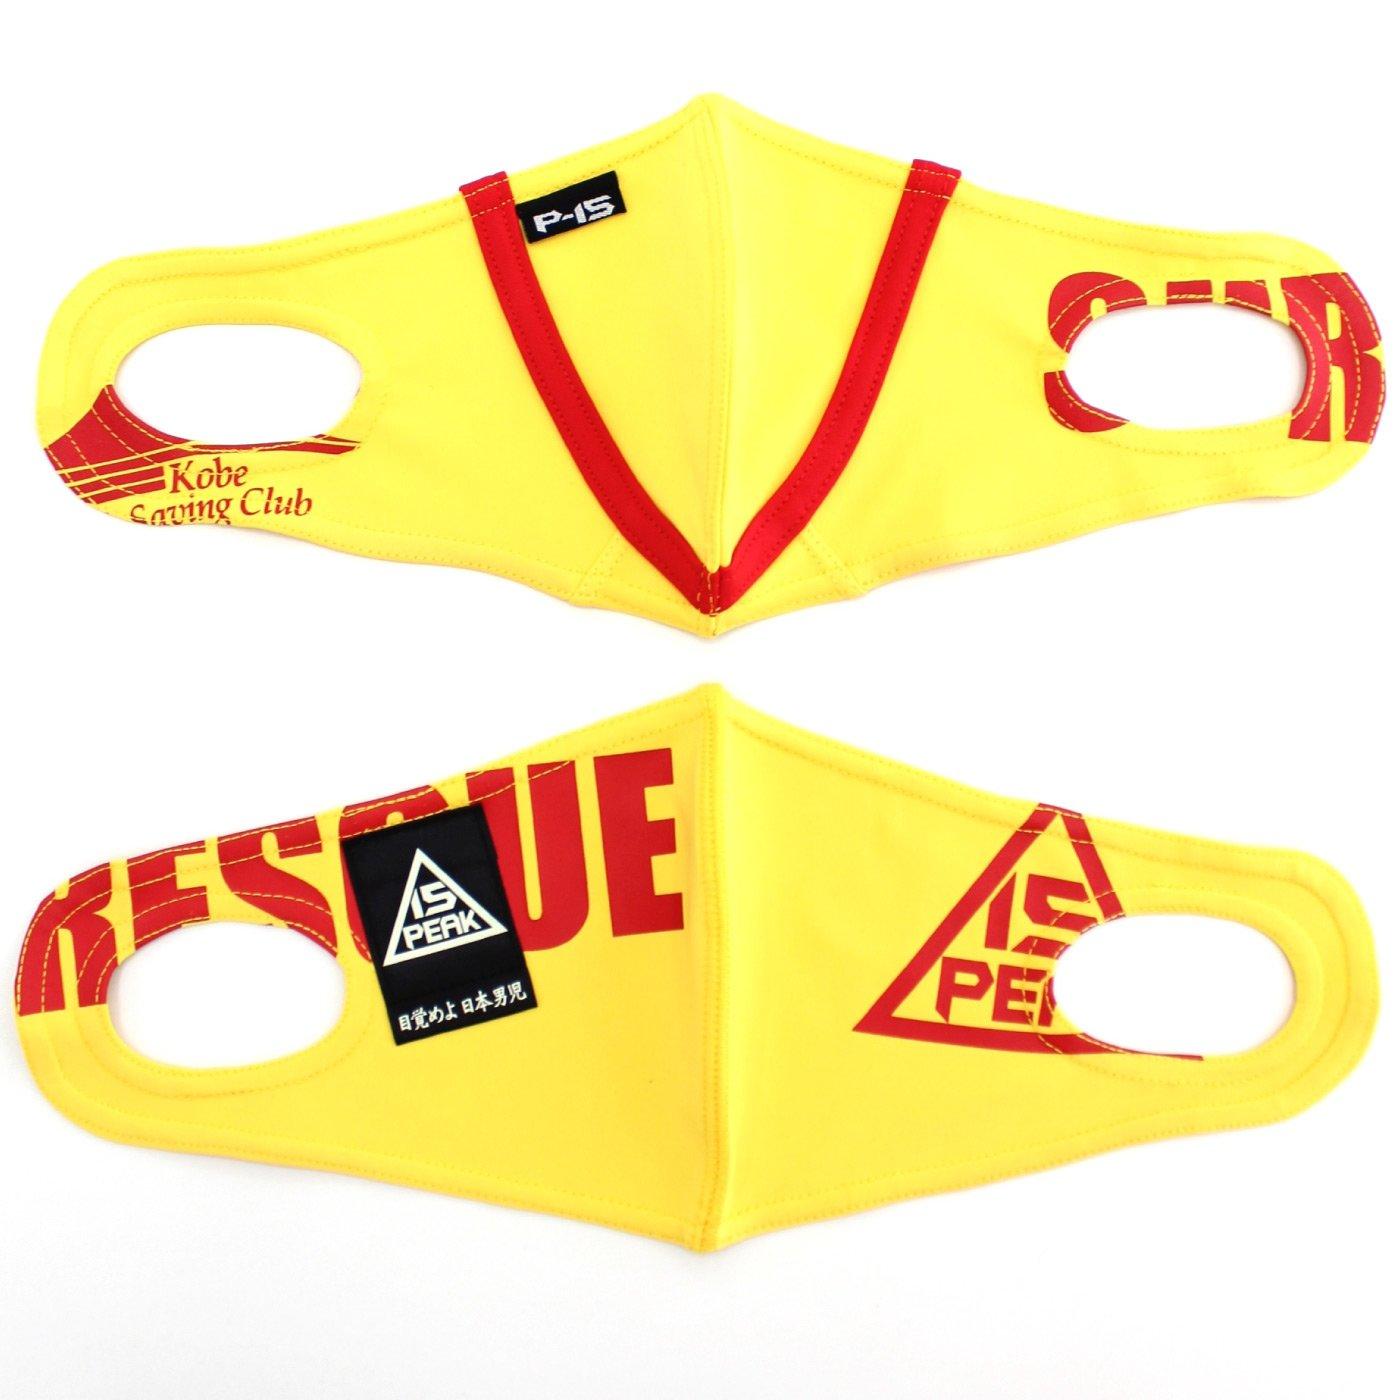 PEAK15 目覚めよ日本男児 ボクサーパンツリメイクマスクカバー「神戸ライフセービングクラブコラボ」〈イエロー〉